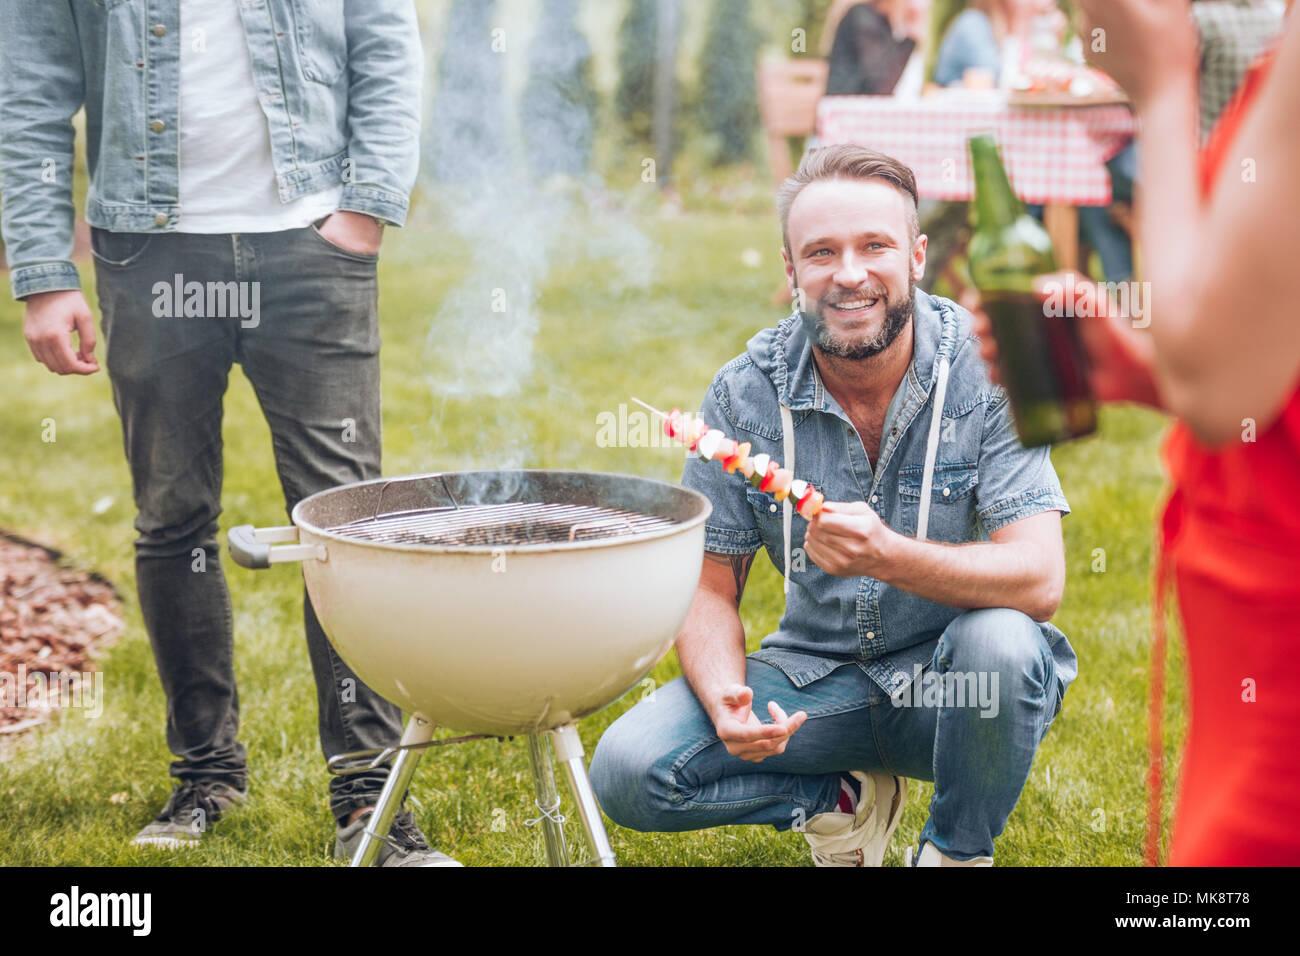 Glückliche Menschen grillen ein schaschlik während einer Gartenparty im Sommer Stockbild